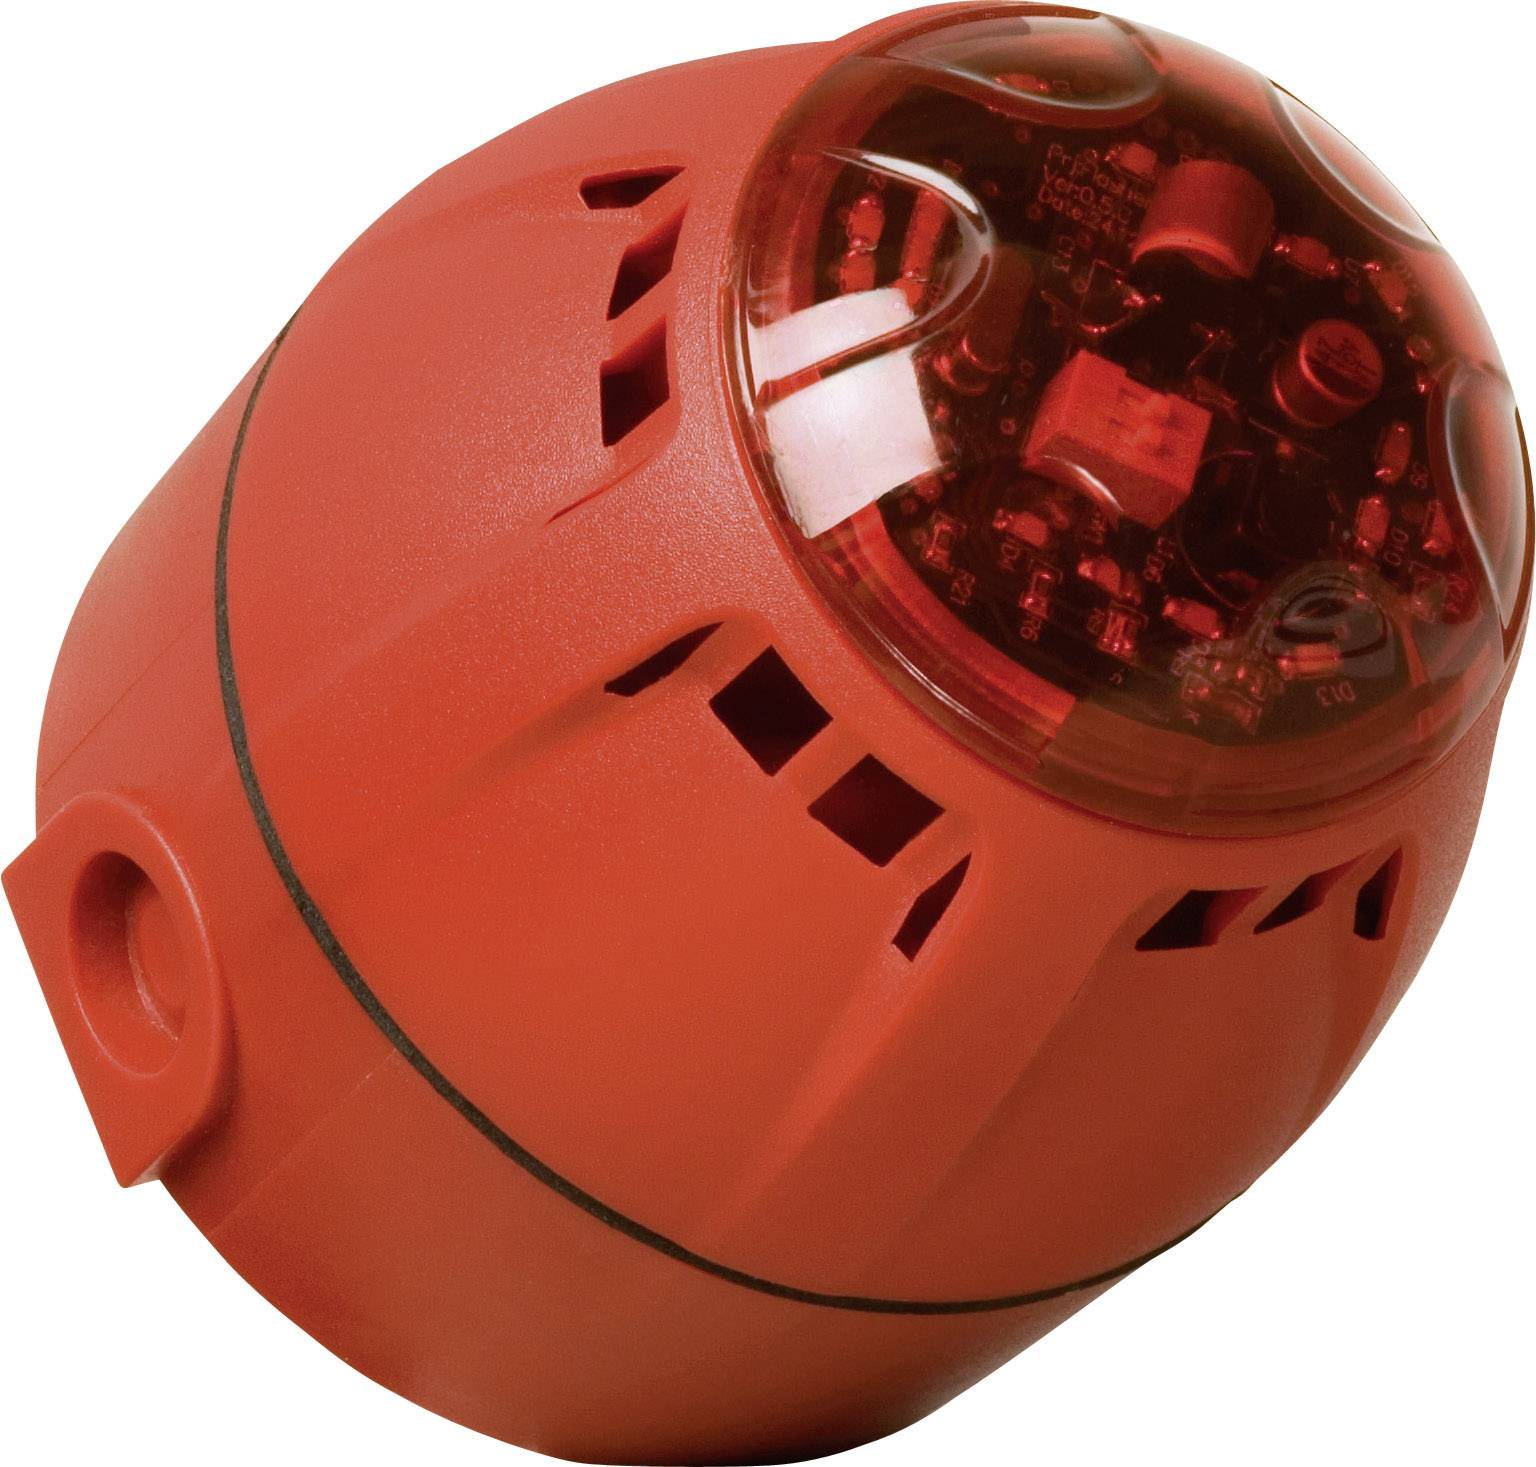 Optická a akustická signální zařízení (Compro)